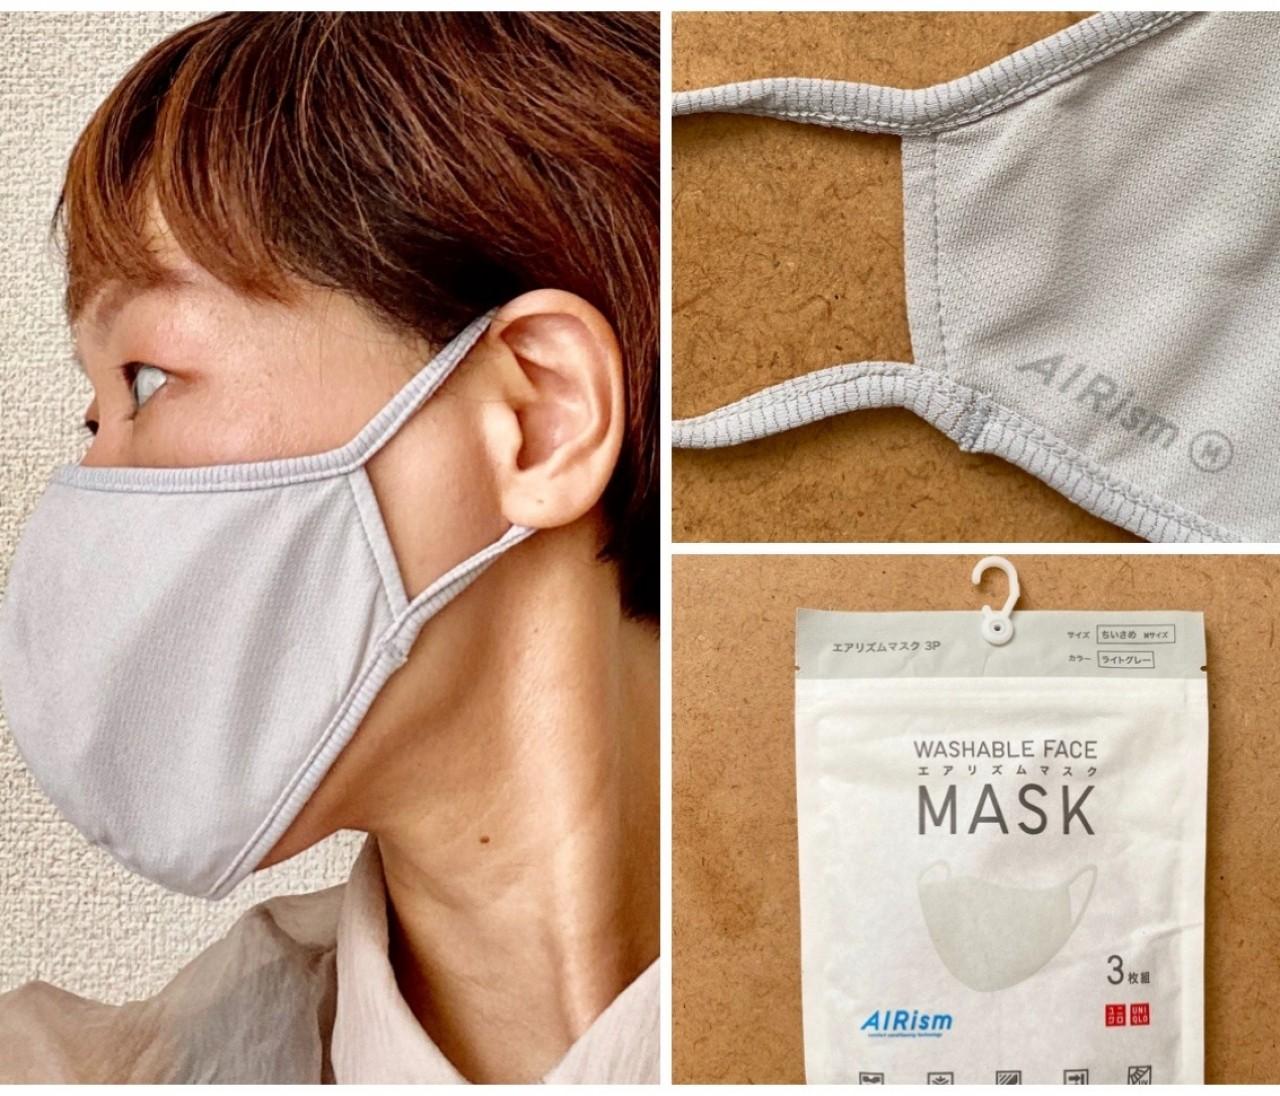 【ユニクロ(UNIQLO)エアリズムマスク改良版グレー着用レビュー】ビジネスシーンや仕事服にぴったりの高機能・洗って繰り返し使える最強の布マスクだった!